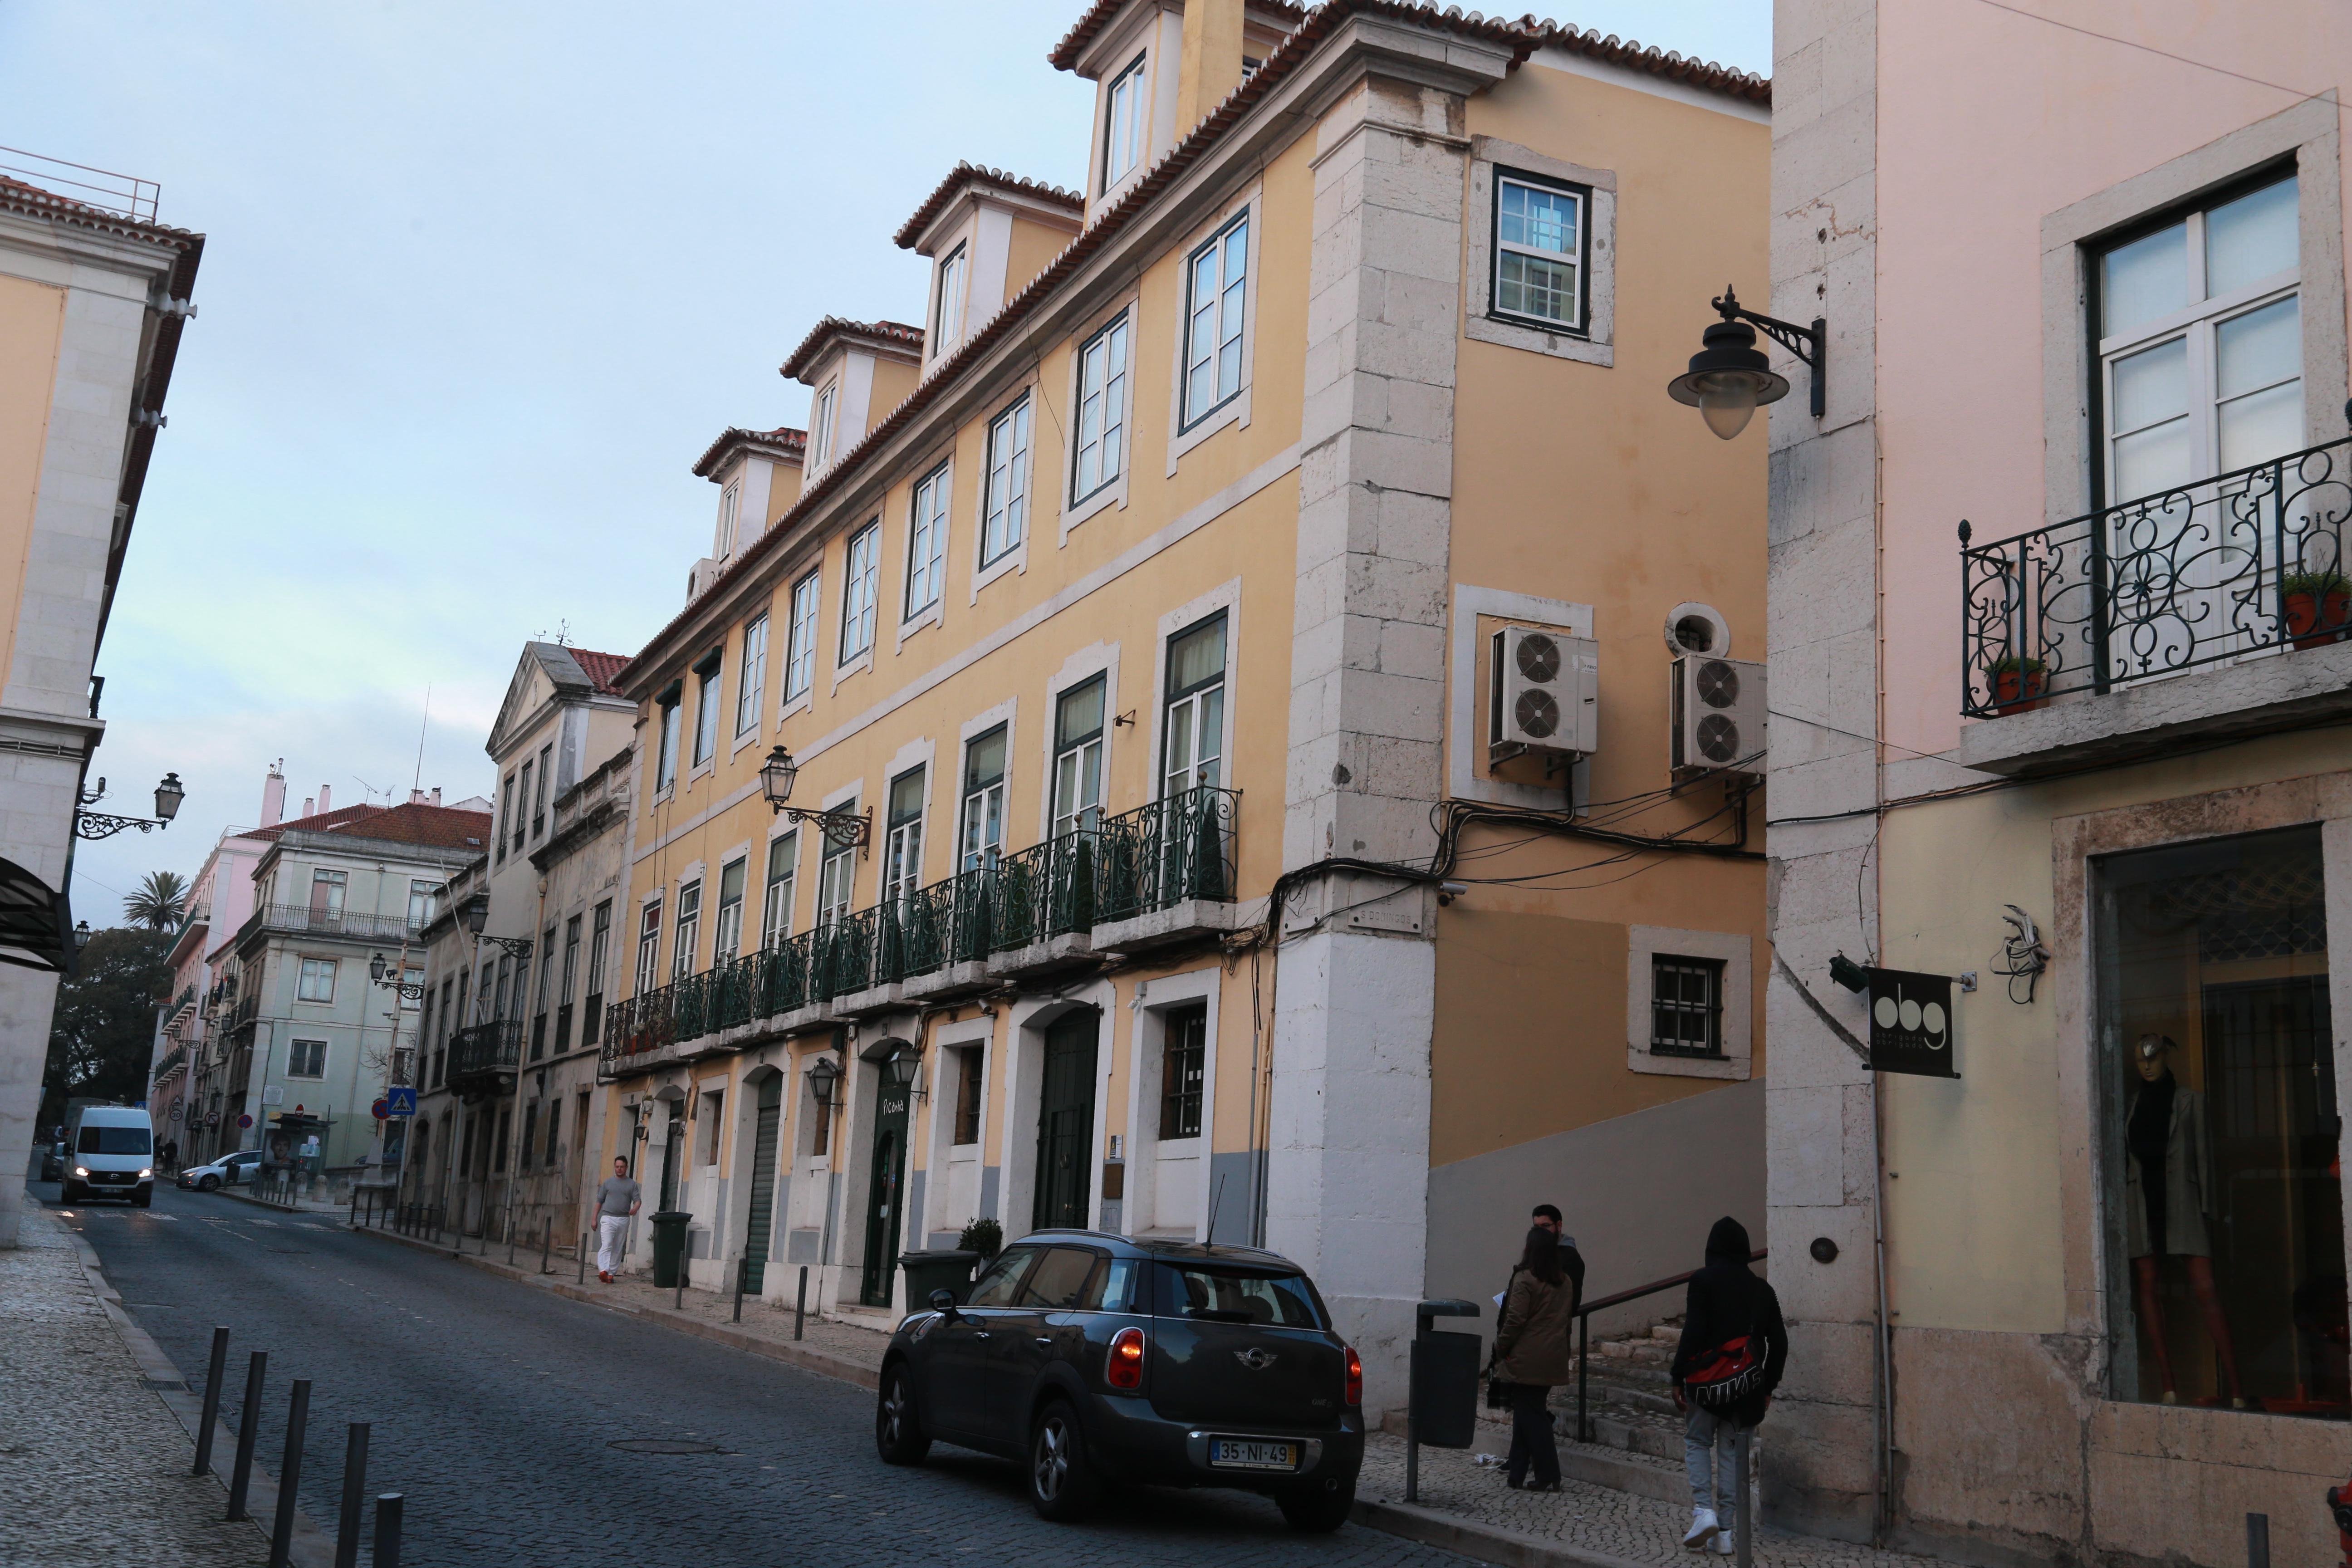 Madonna vive (ou viveu) no Palácio do Ramalhete, em Lisboa, há mais de um ano  / Gtres